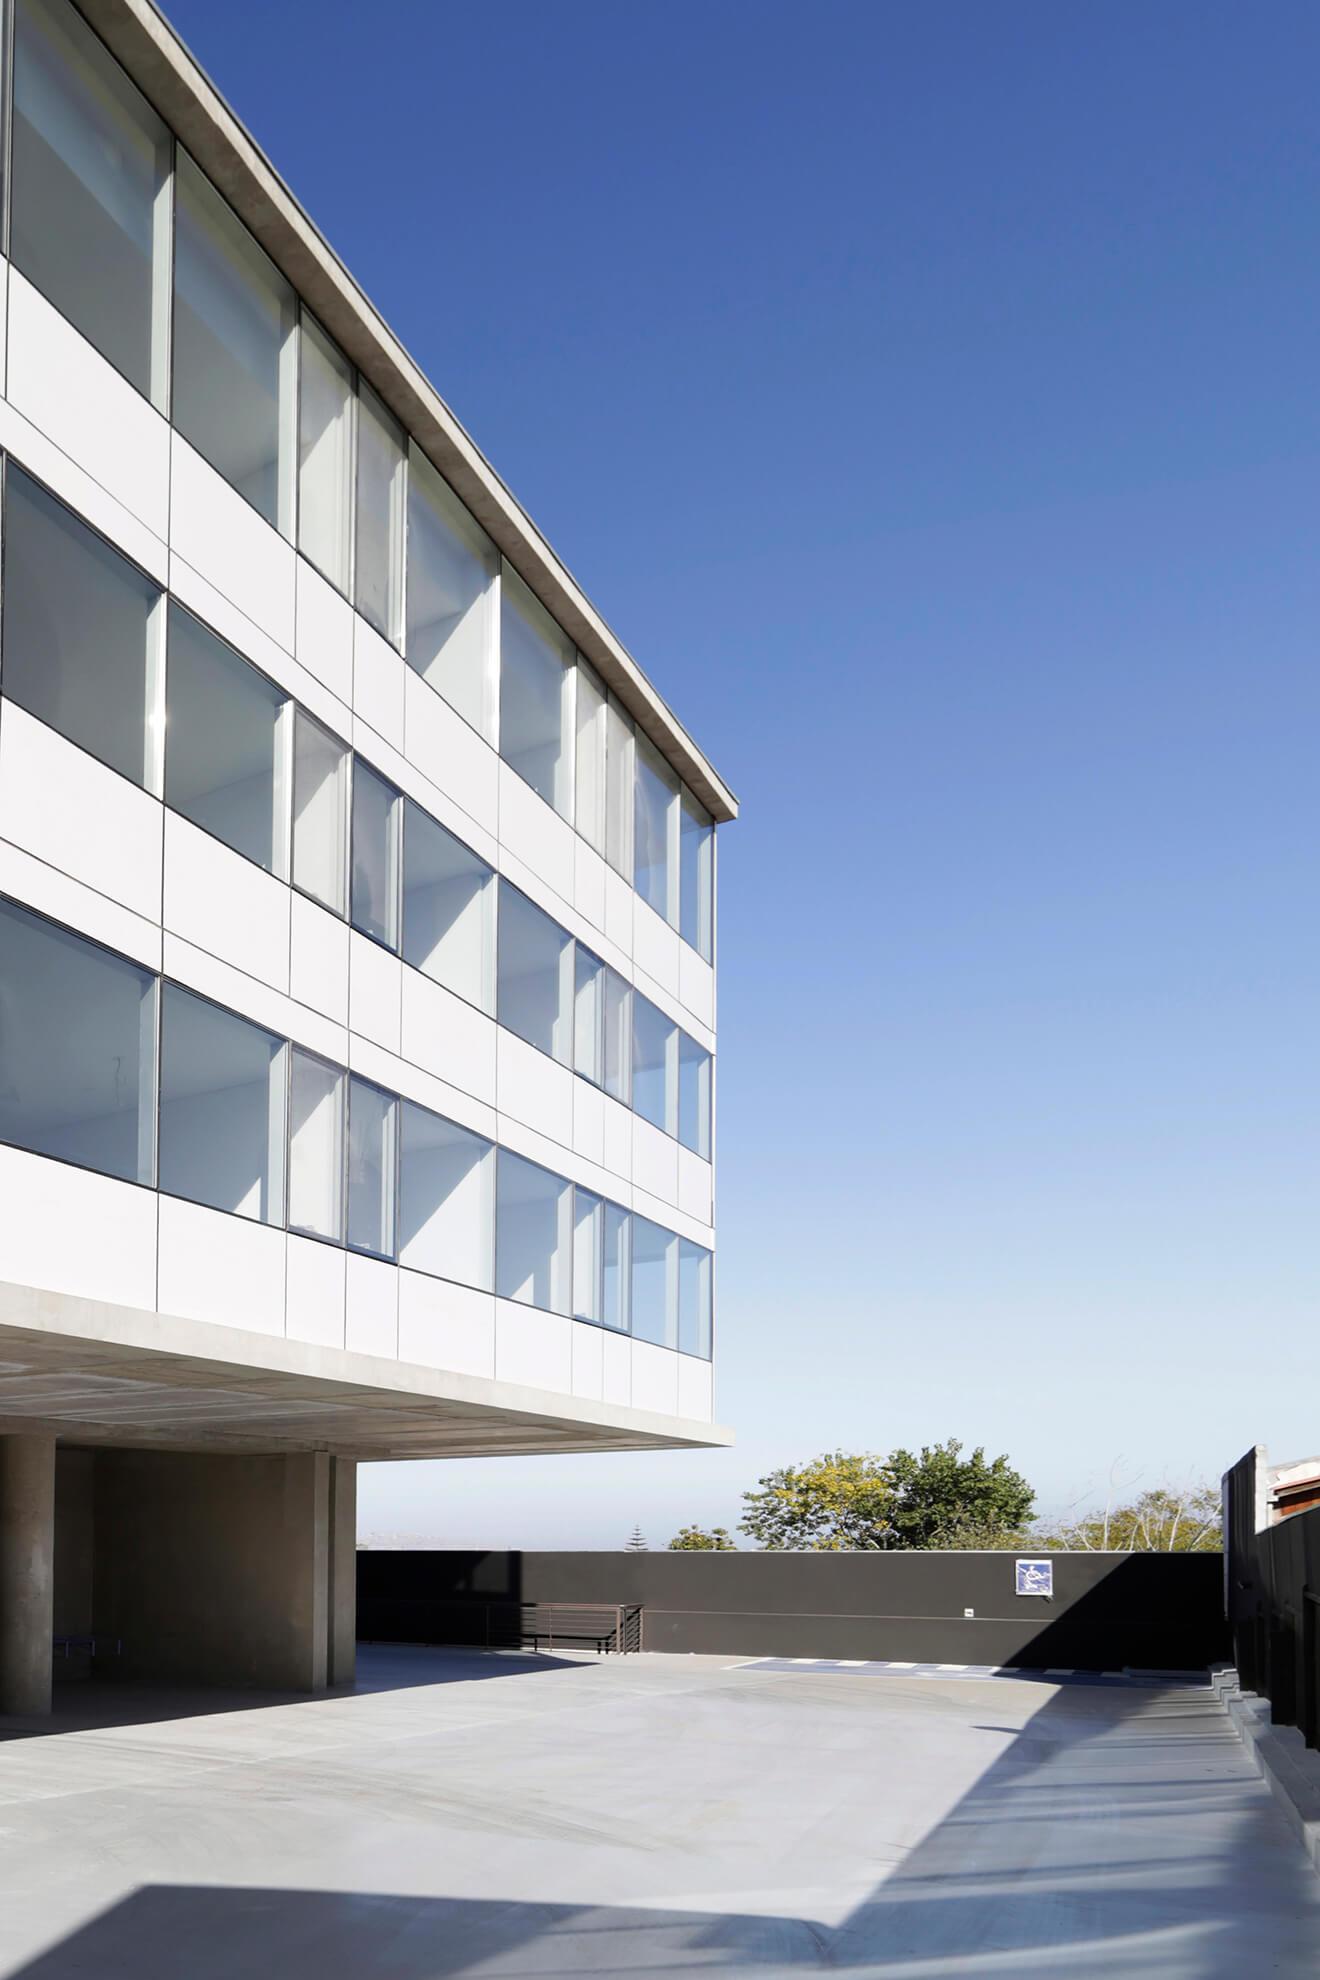 Edificio-Atrium-estacionamientos-construcción-constructora-Rencoret-La-Serena